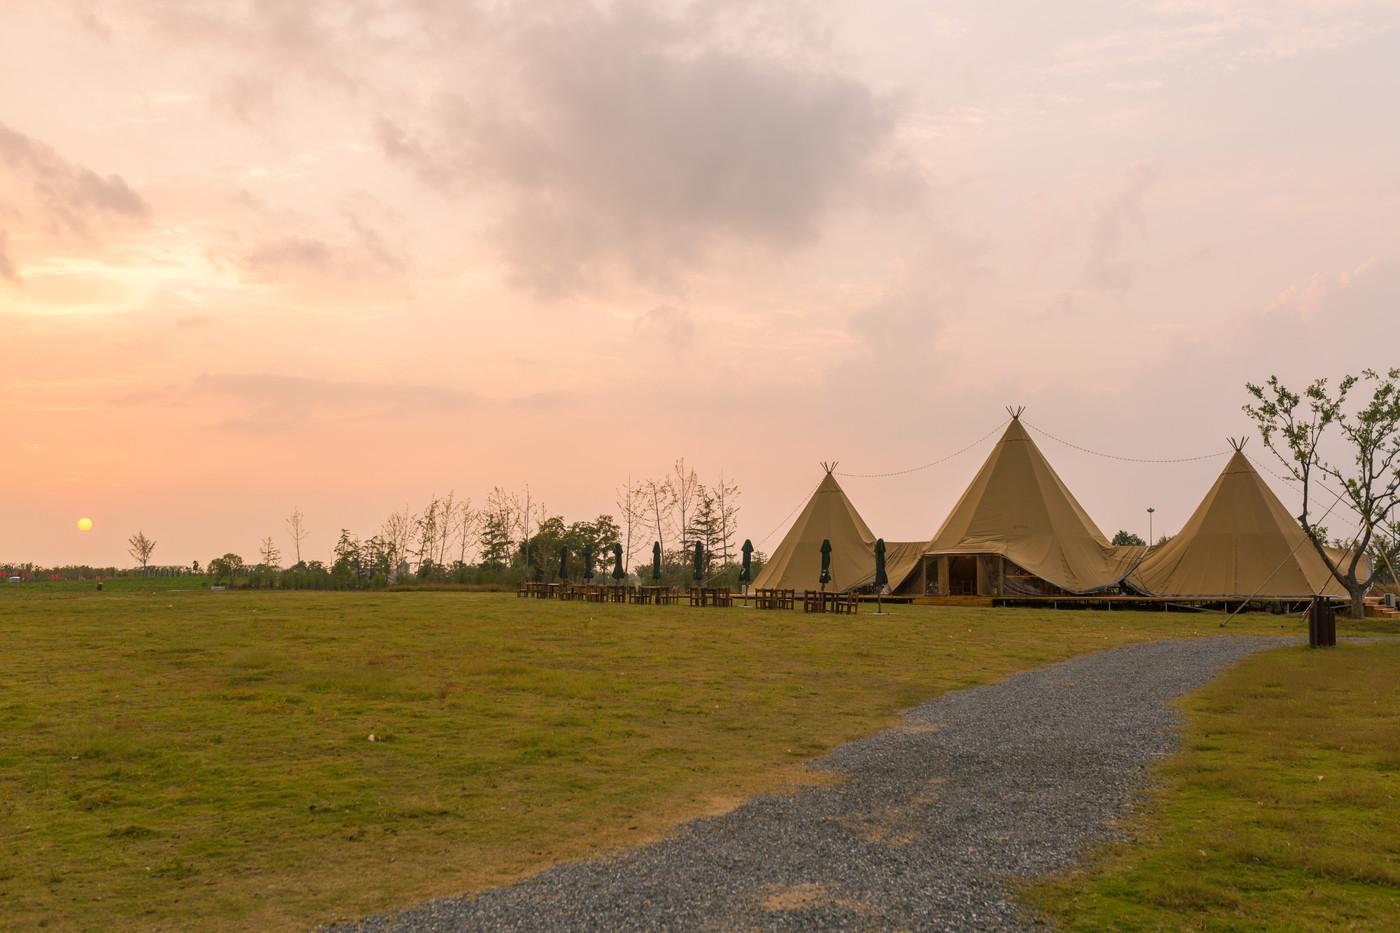 喜马拉雅印第安多功能大厅—淮安白马湖生态旅游度假区15